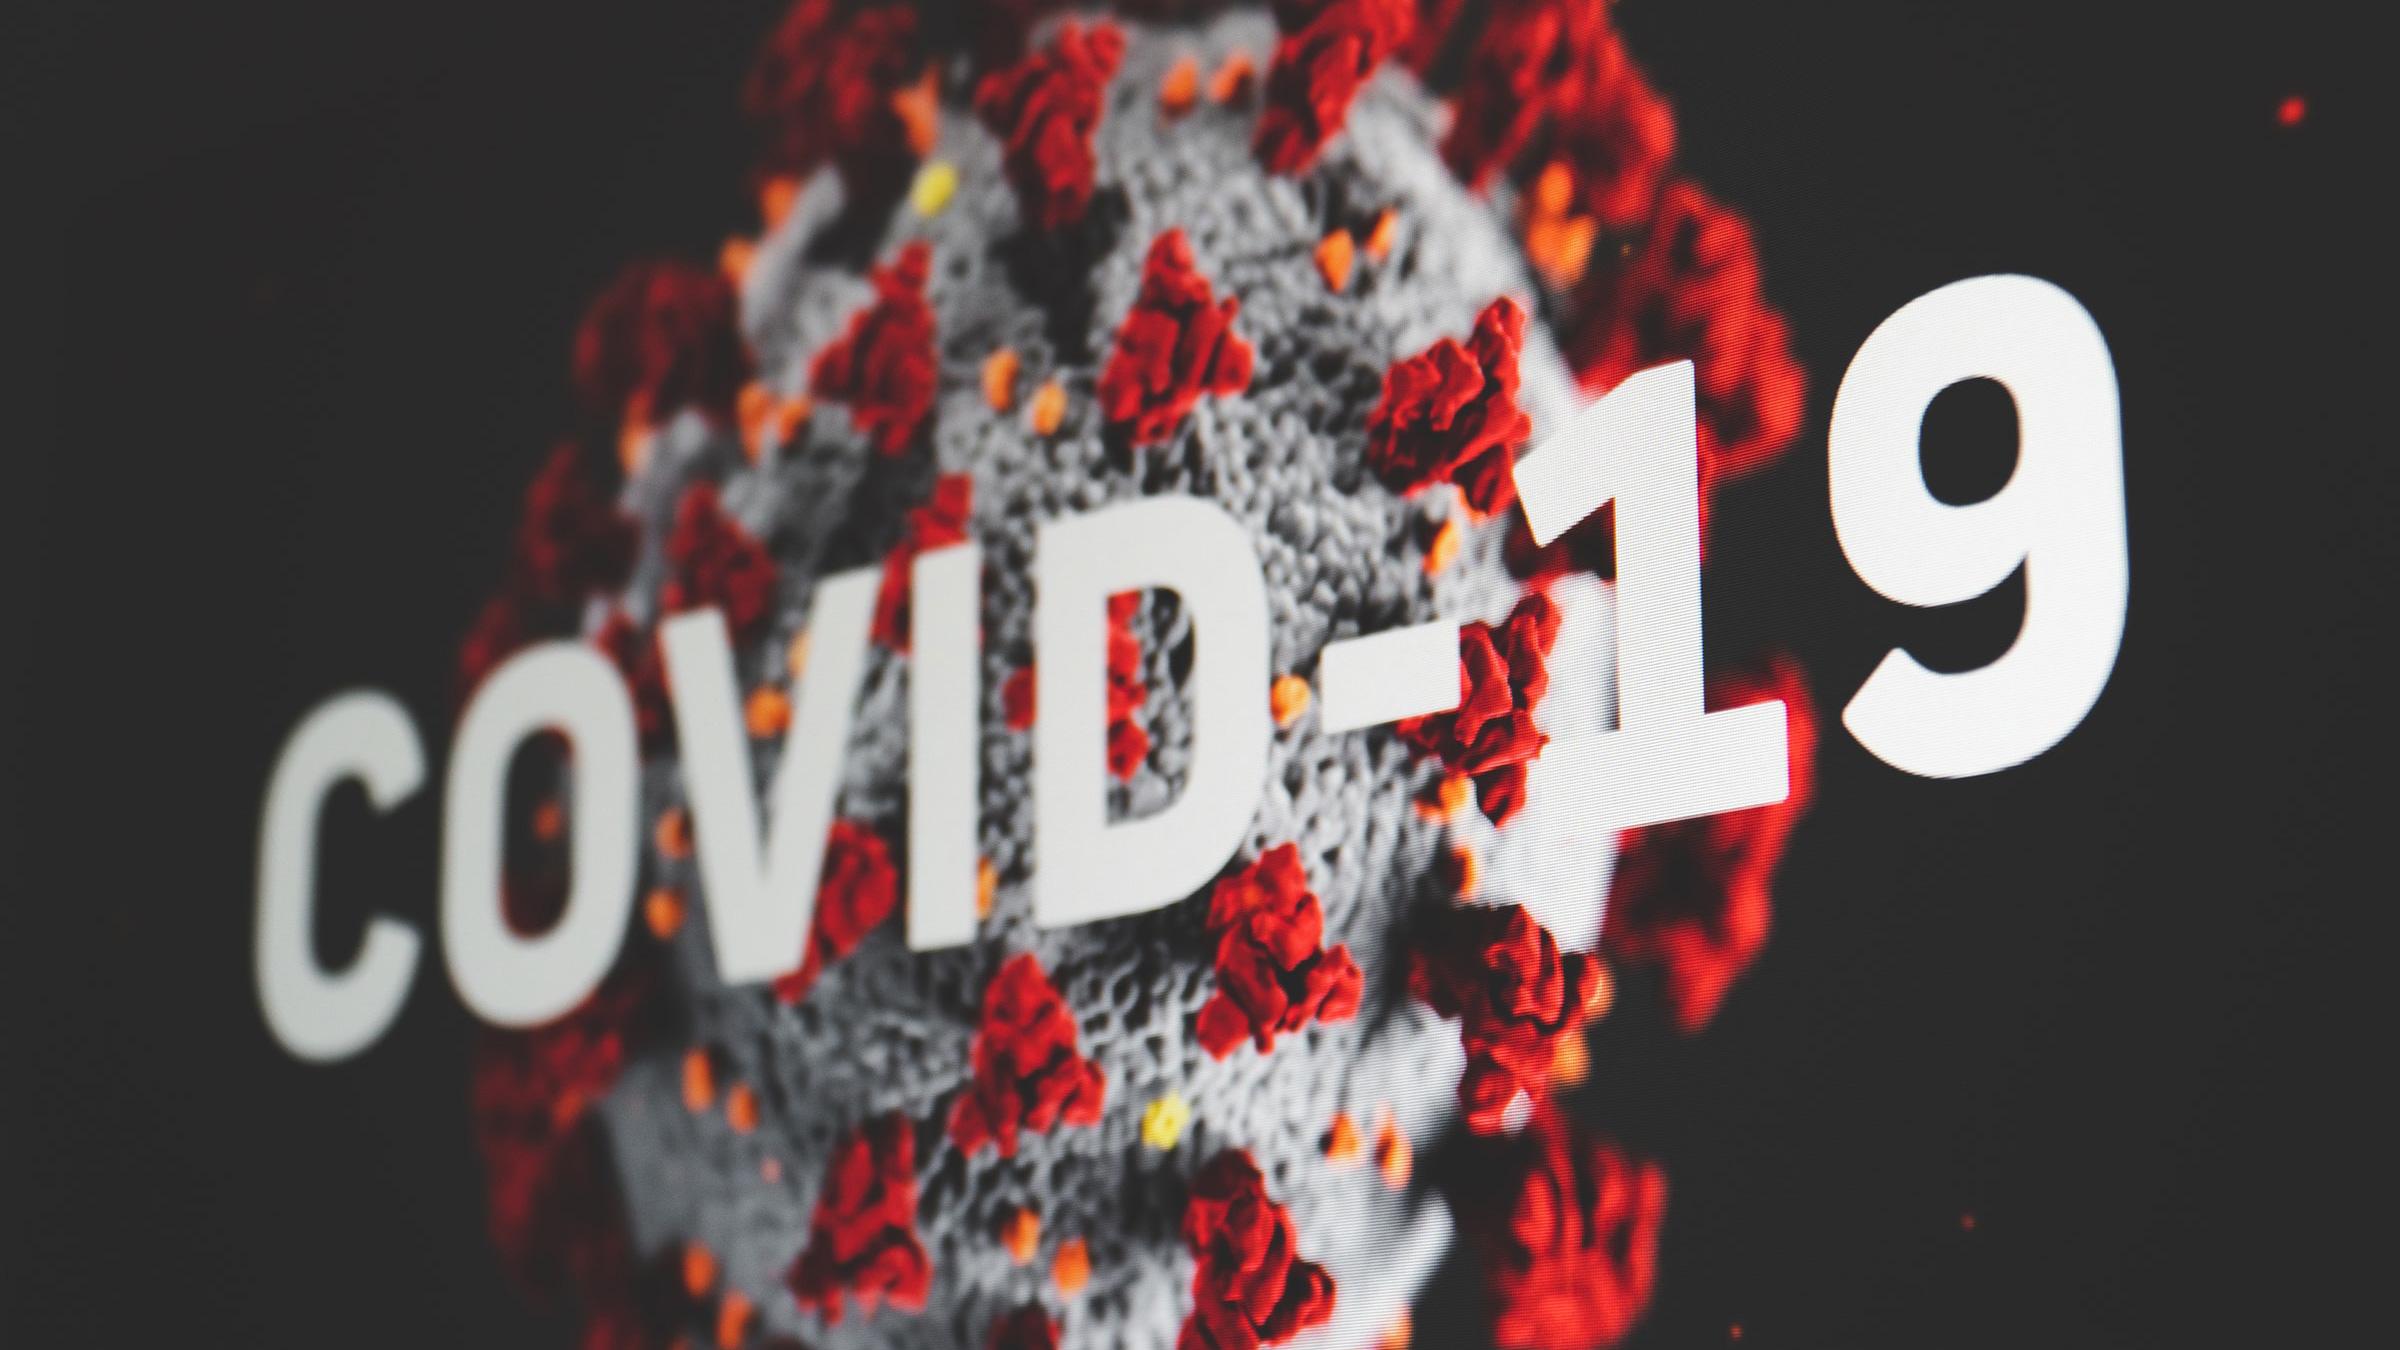 <b>WICHTIGE INFORMATION:</b><br>Aktuelle Praxis-Organisation und -Maßnahmen aufgrund von COVID-19